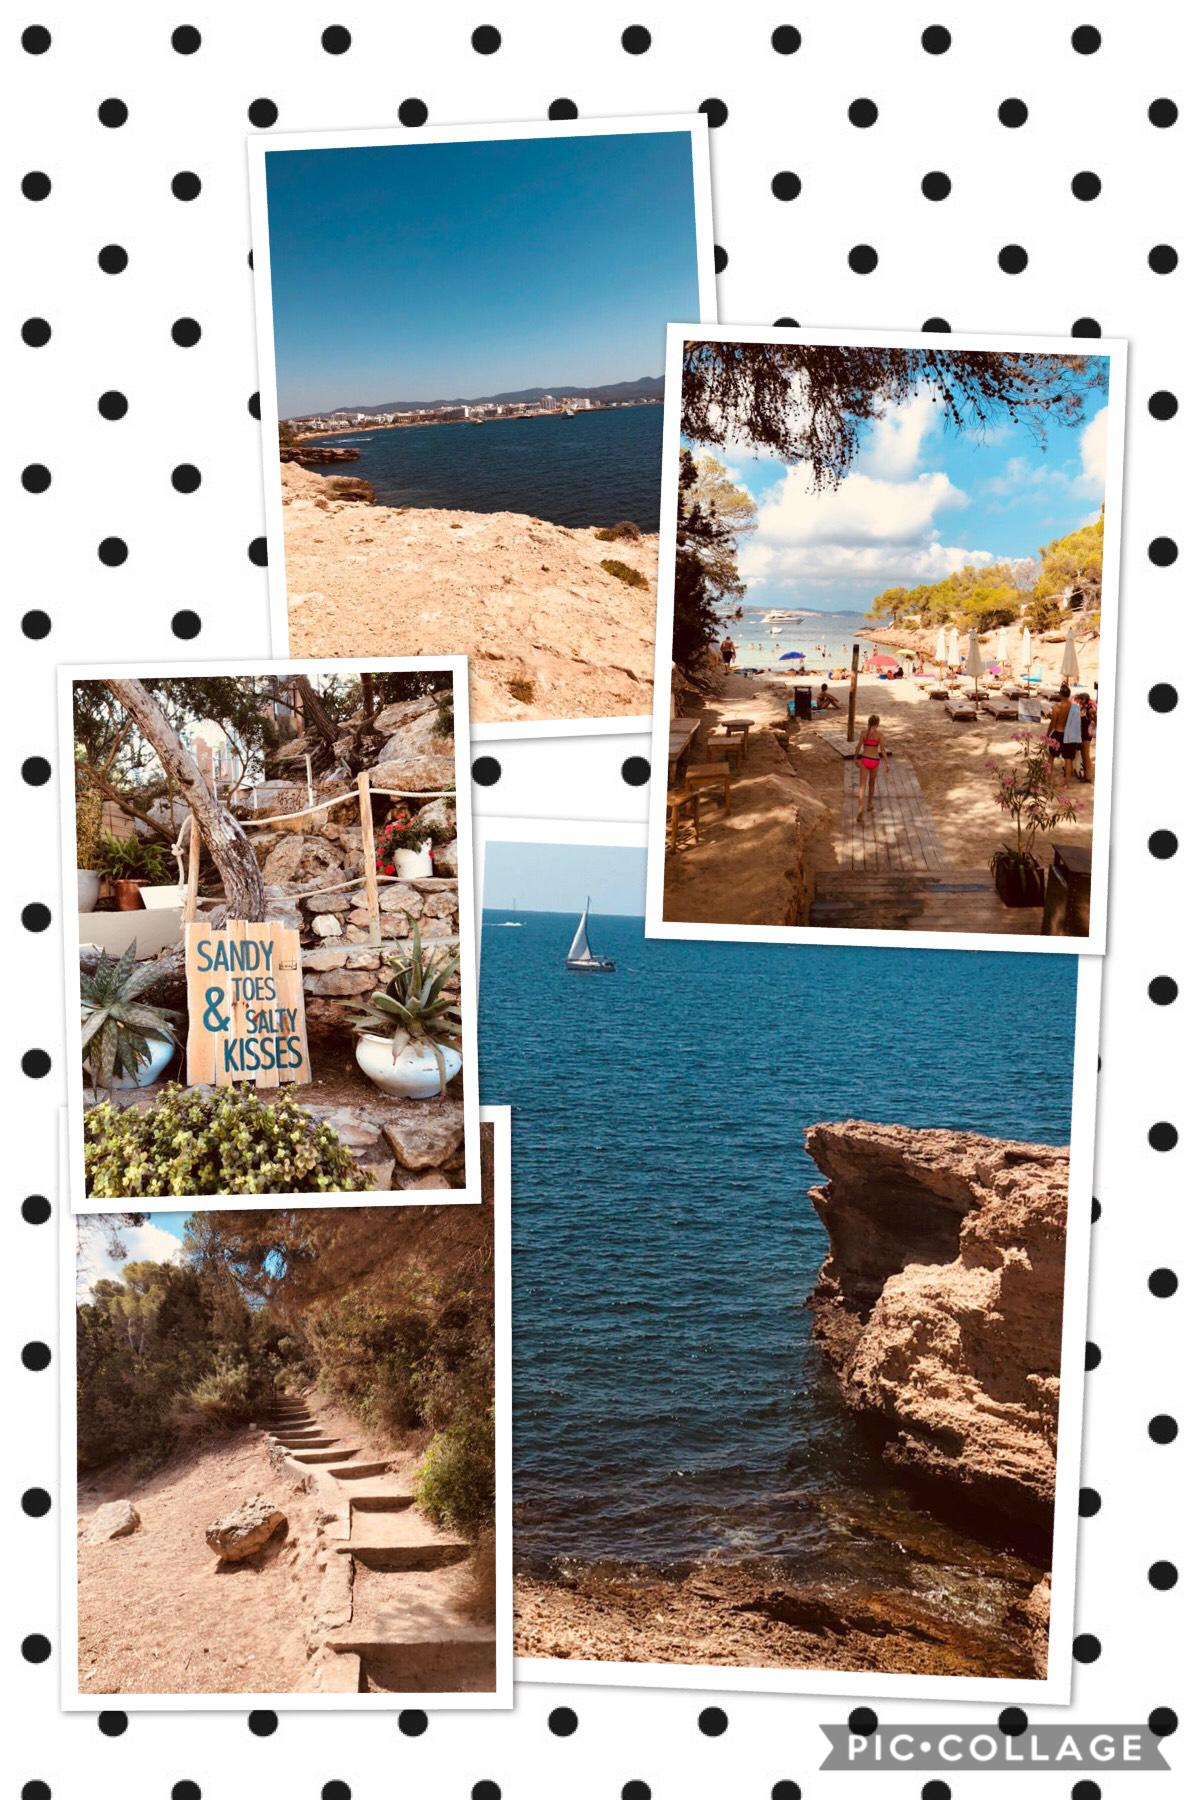 Ibiza has my heart💓🌏🏝🏖✈️🛩🇪🇸